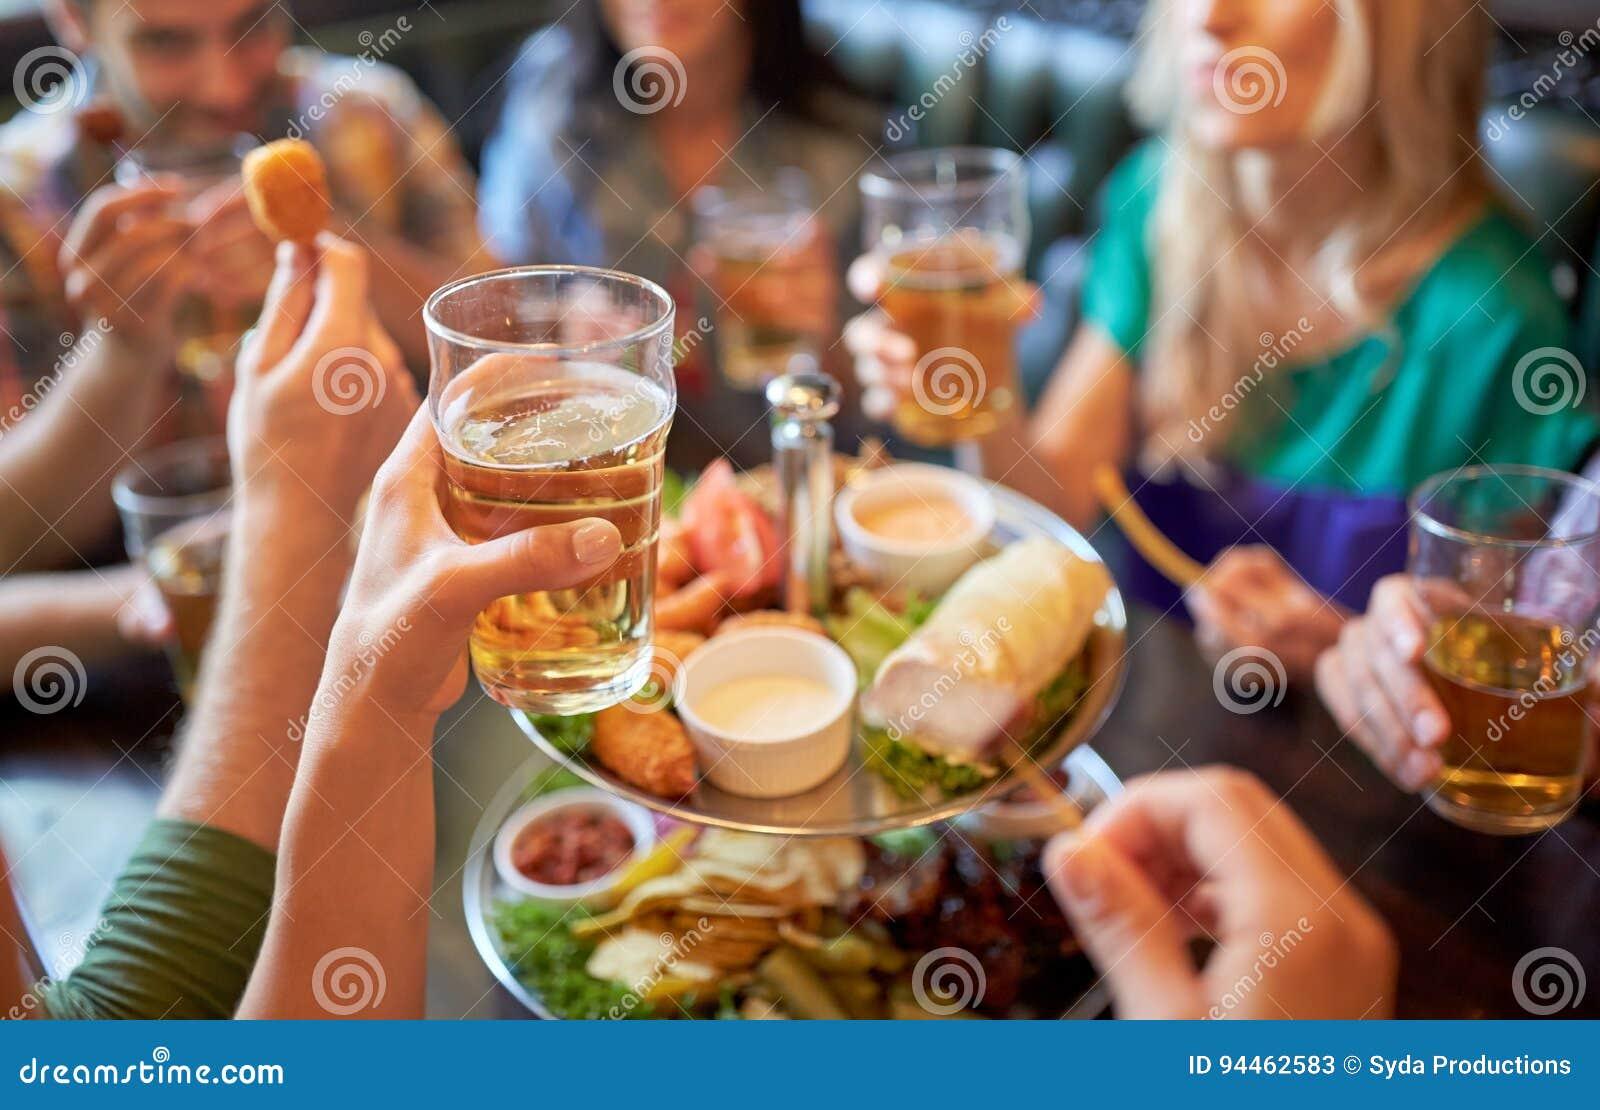 Szczęśliwi przyjaciele je i pije przy barem lub pubem